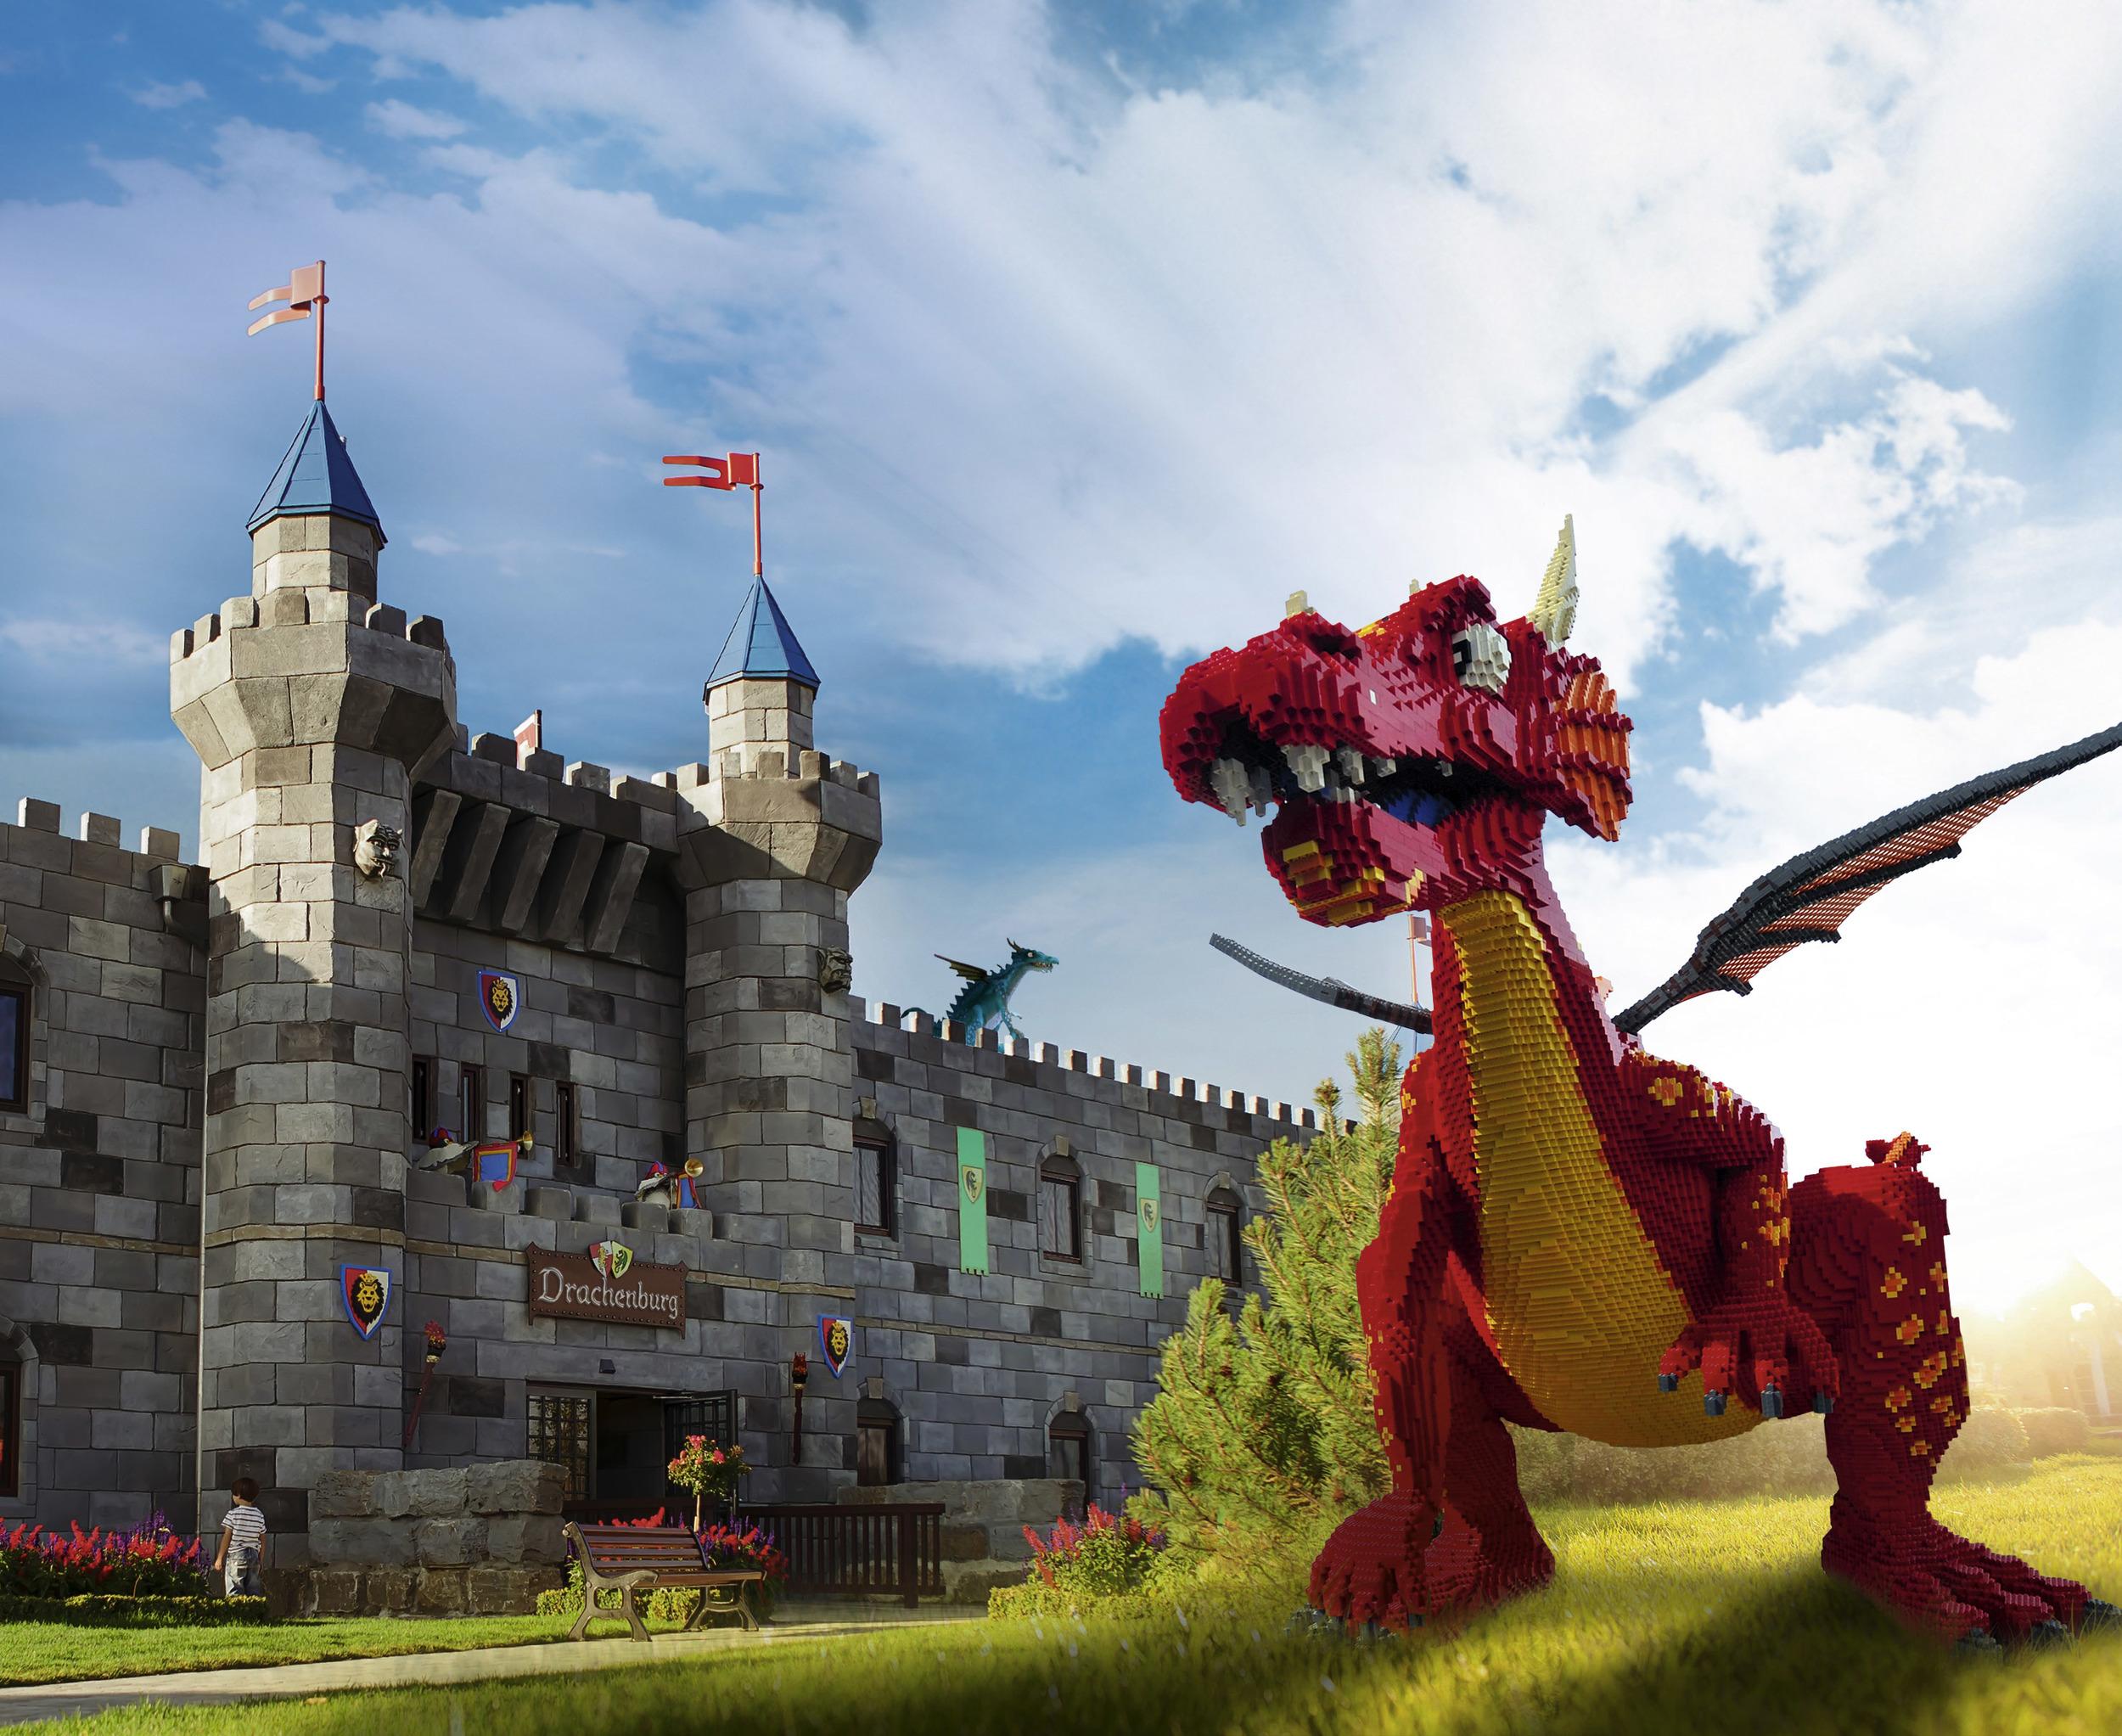 Legoland er blitt en fast ferieattraksjon for mange familier.                Foto: Legoland